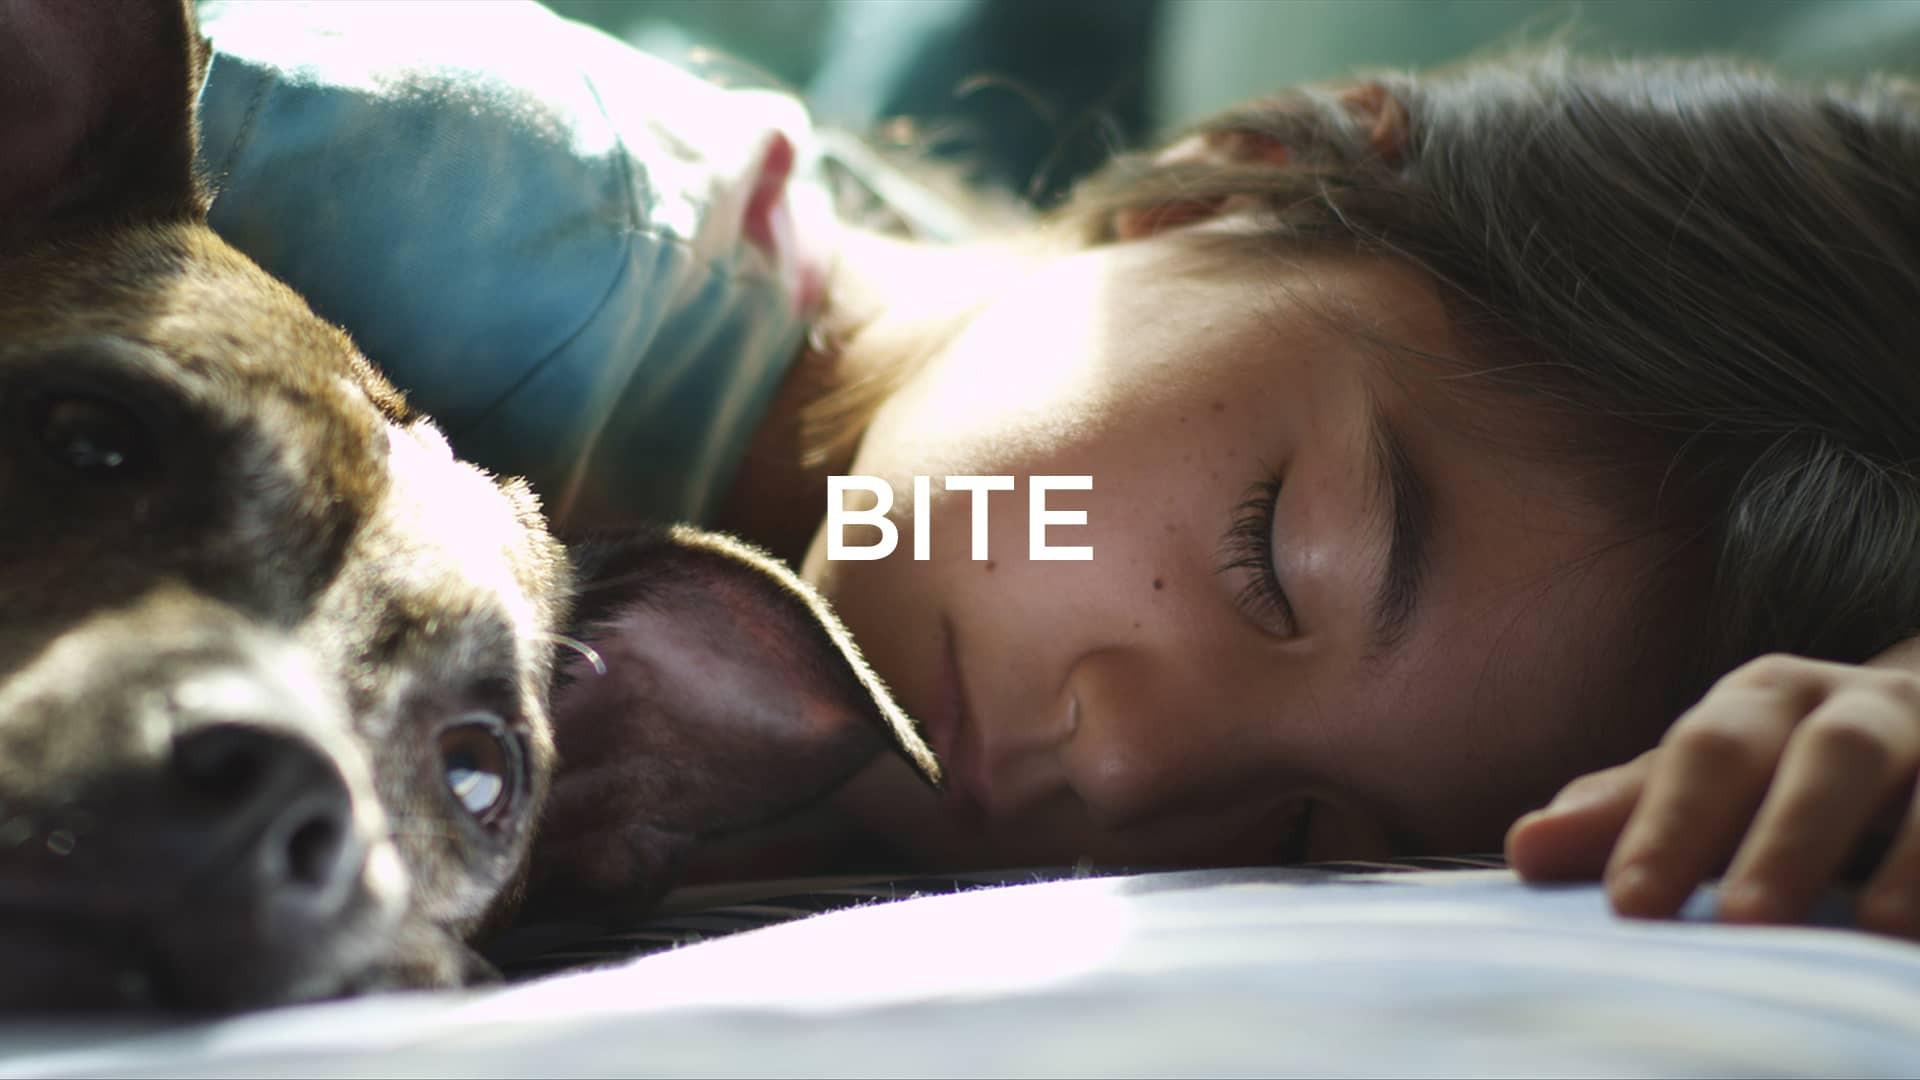 Bite (2016)